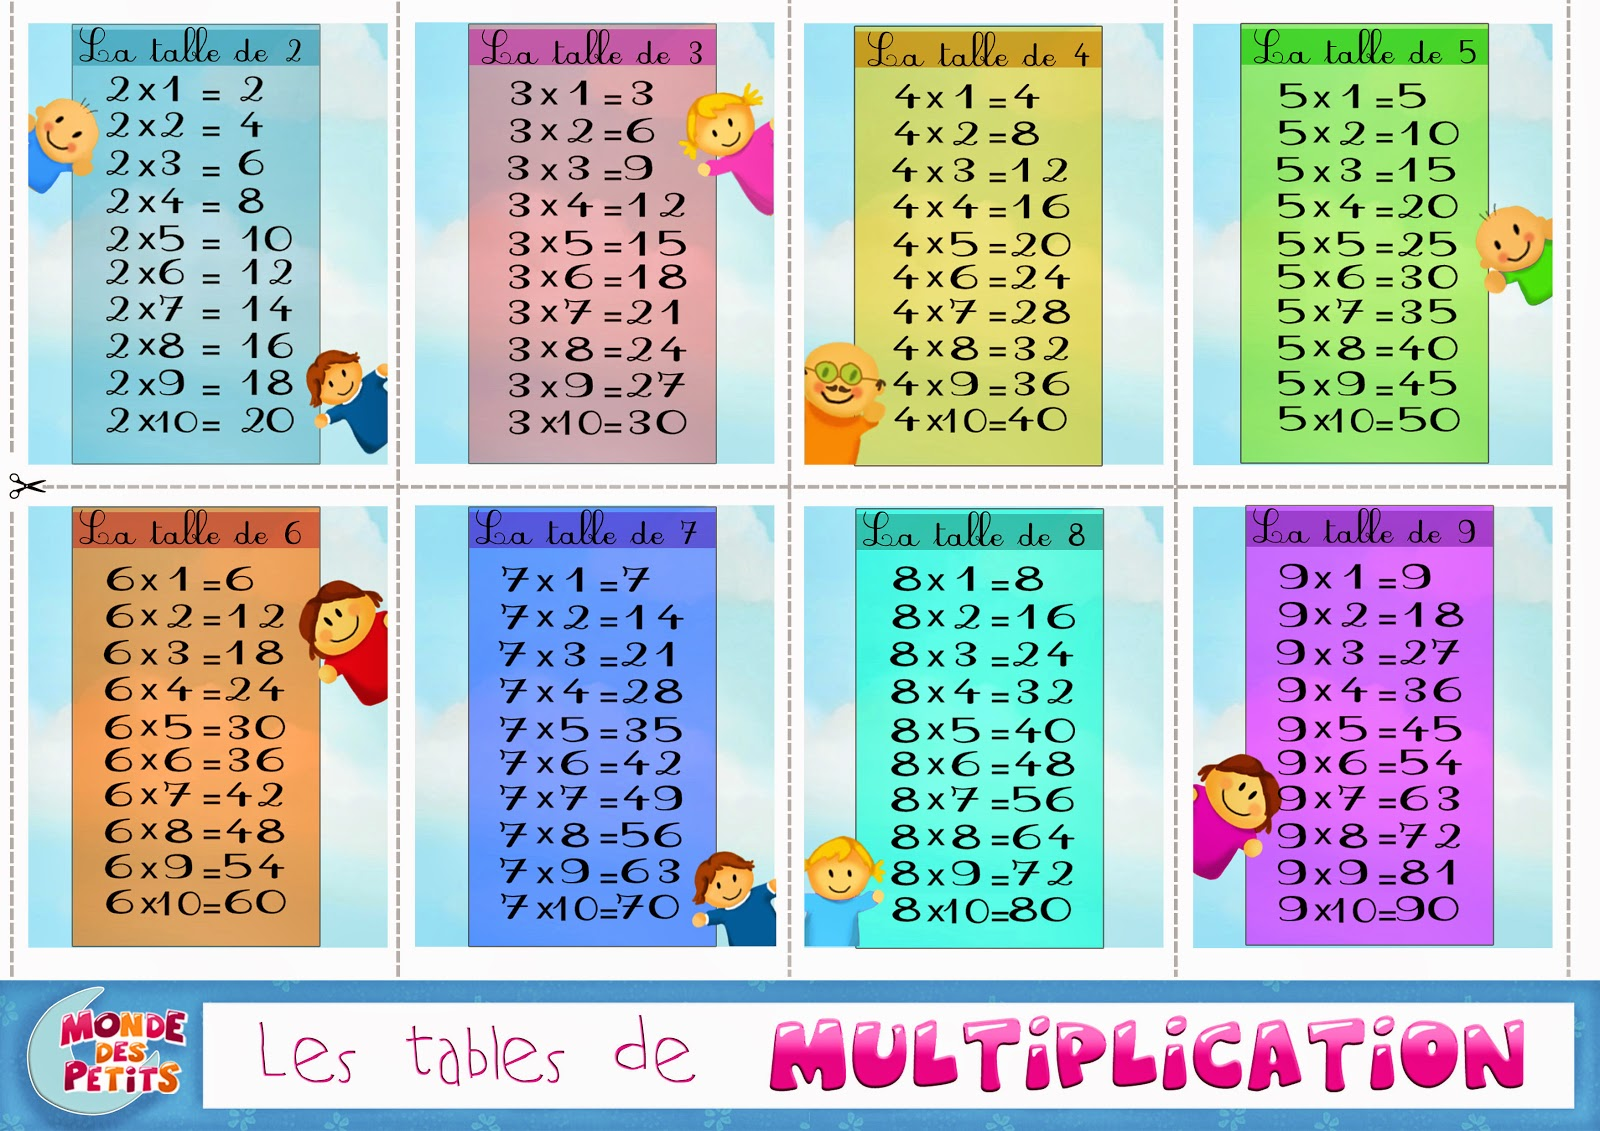 Le dimanche indo europ en talk talk talk qui c 39 est c for Table de multiplication apprendre